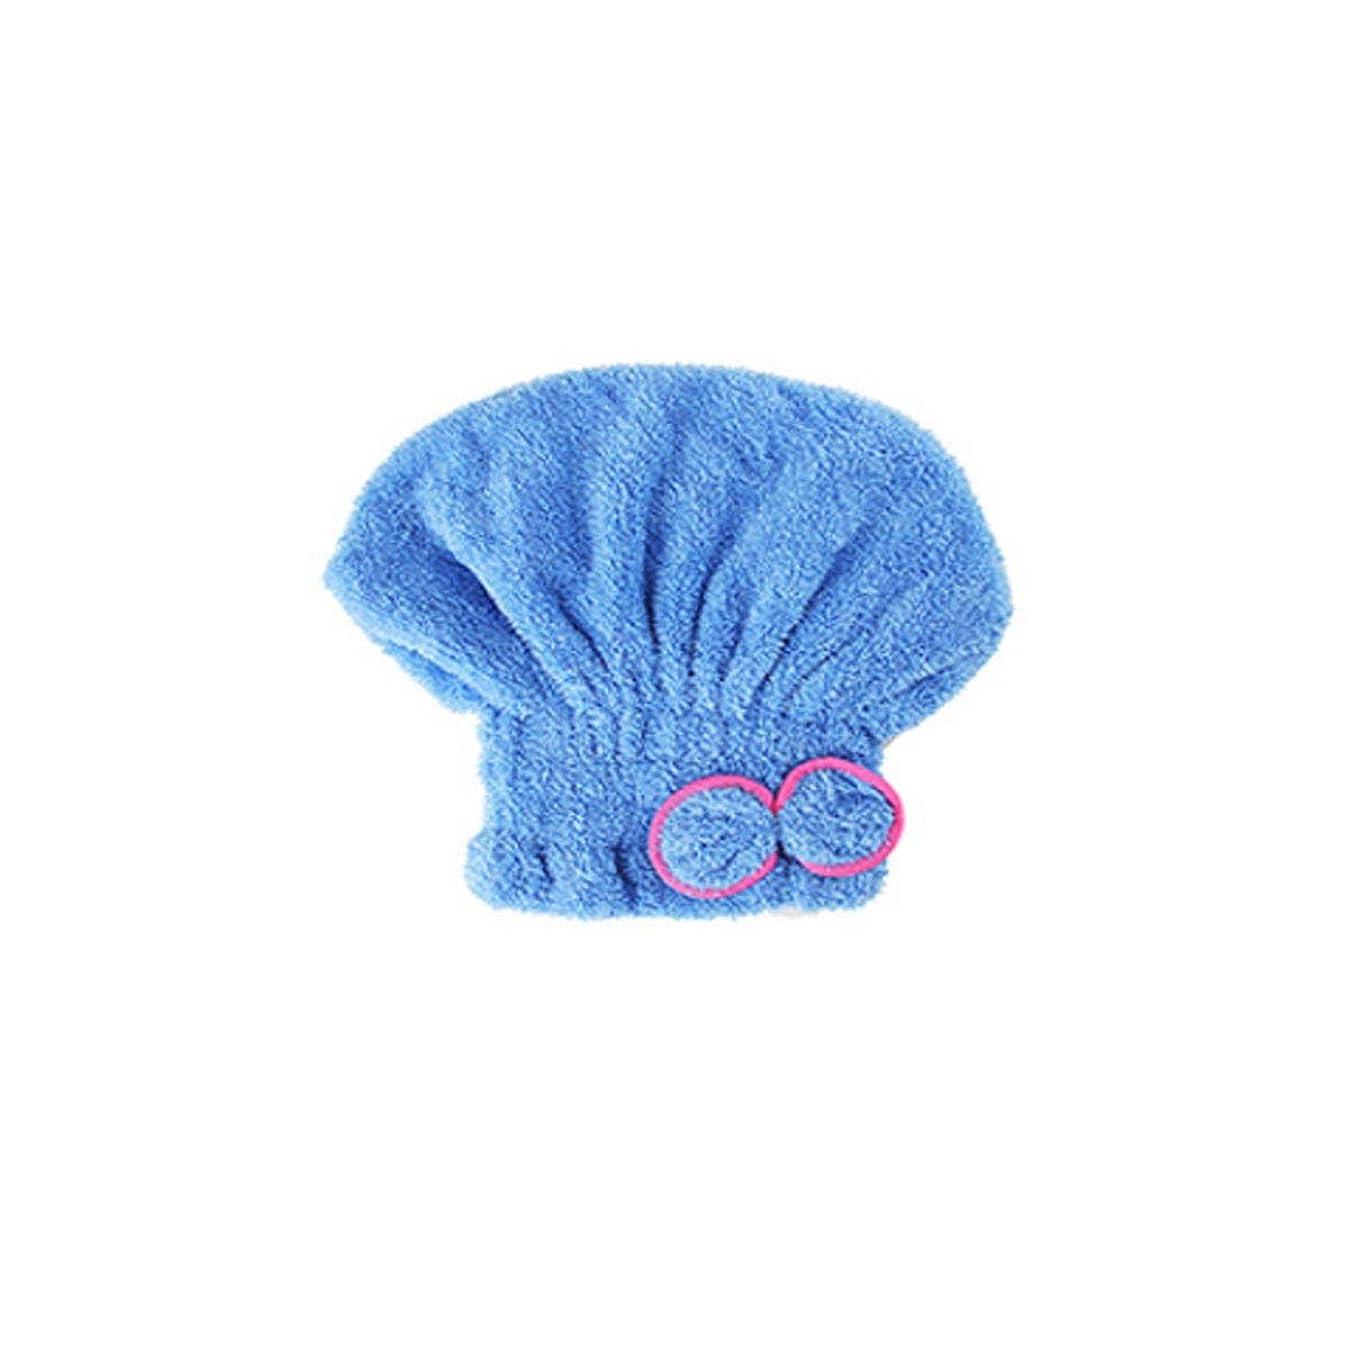 エラーぜいたく伝染性HUIJUNWENTI シャワーキャップ、ドライヘアキャップ、レディースバッグヘア速乾性タオル、吸収性ドライヘアタオル、かわいいシャワーキャップ (Color : A1)